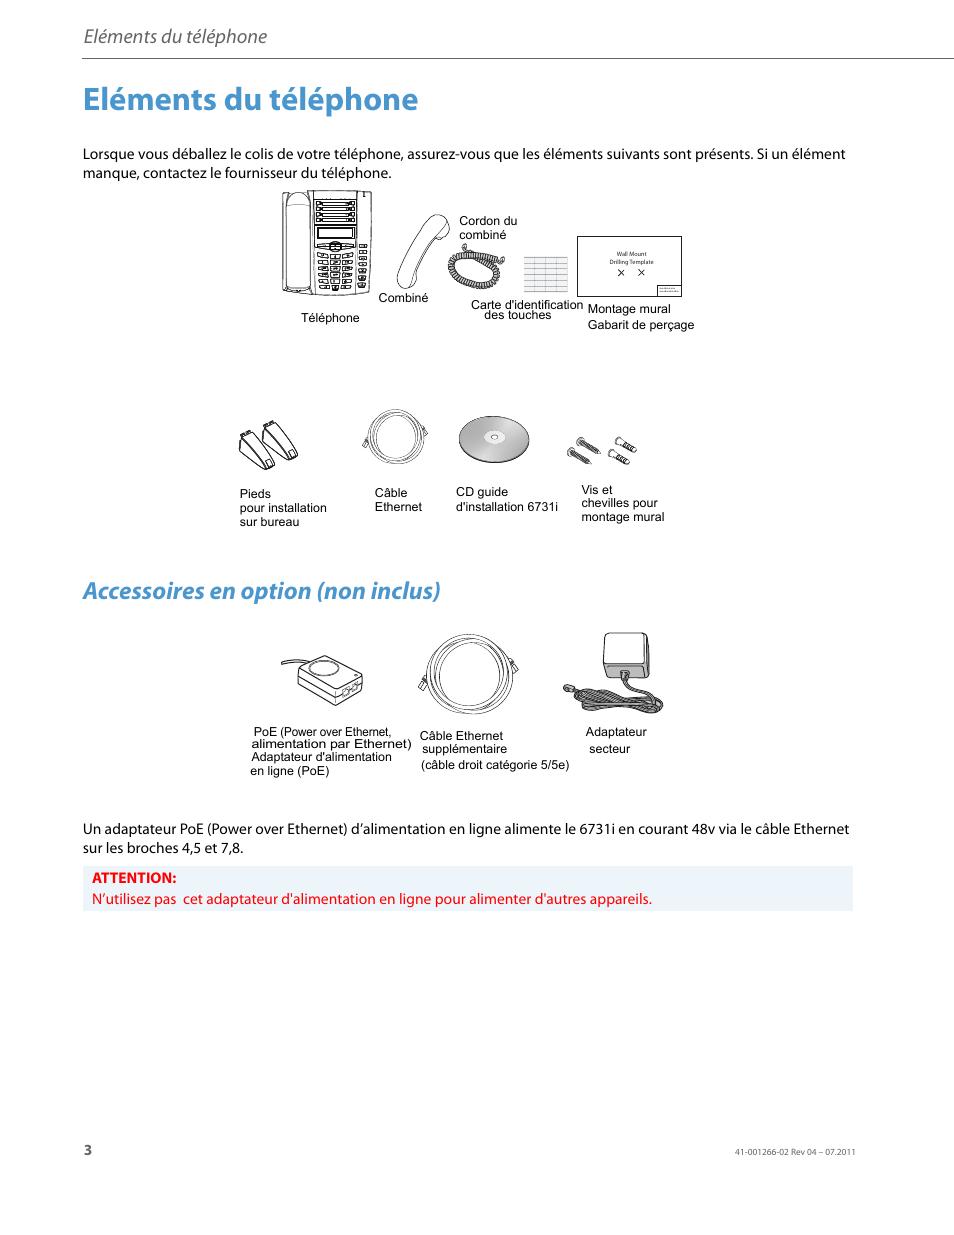 Eléments du téléphone, Accessoires en option (non inclus